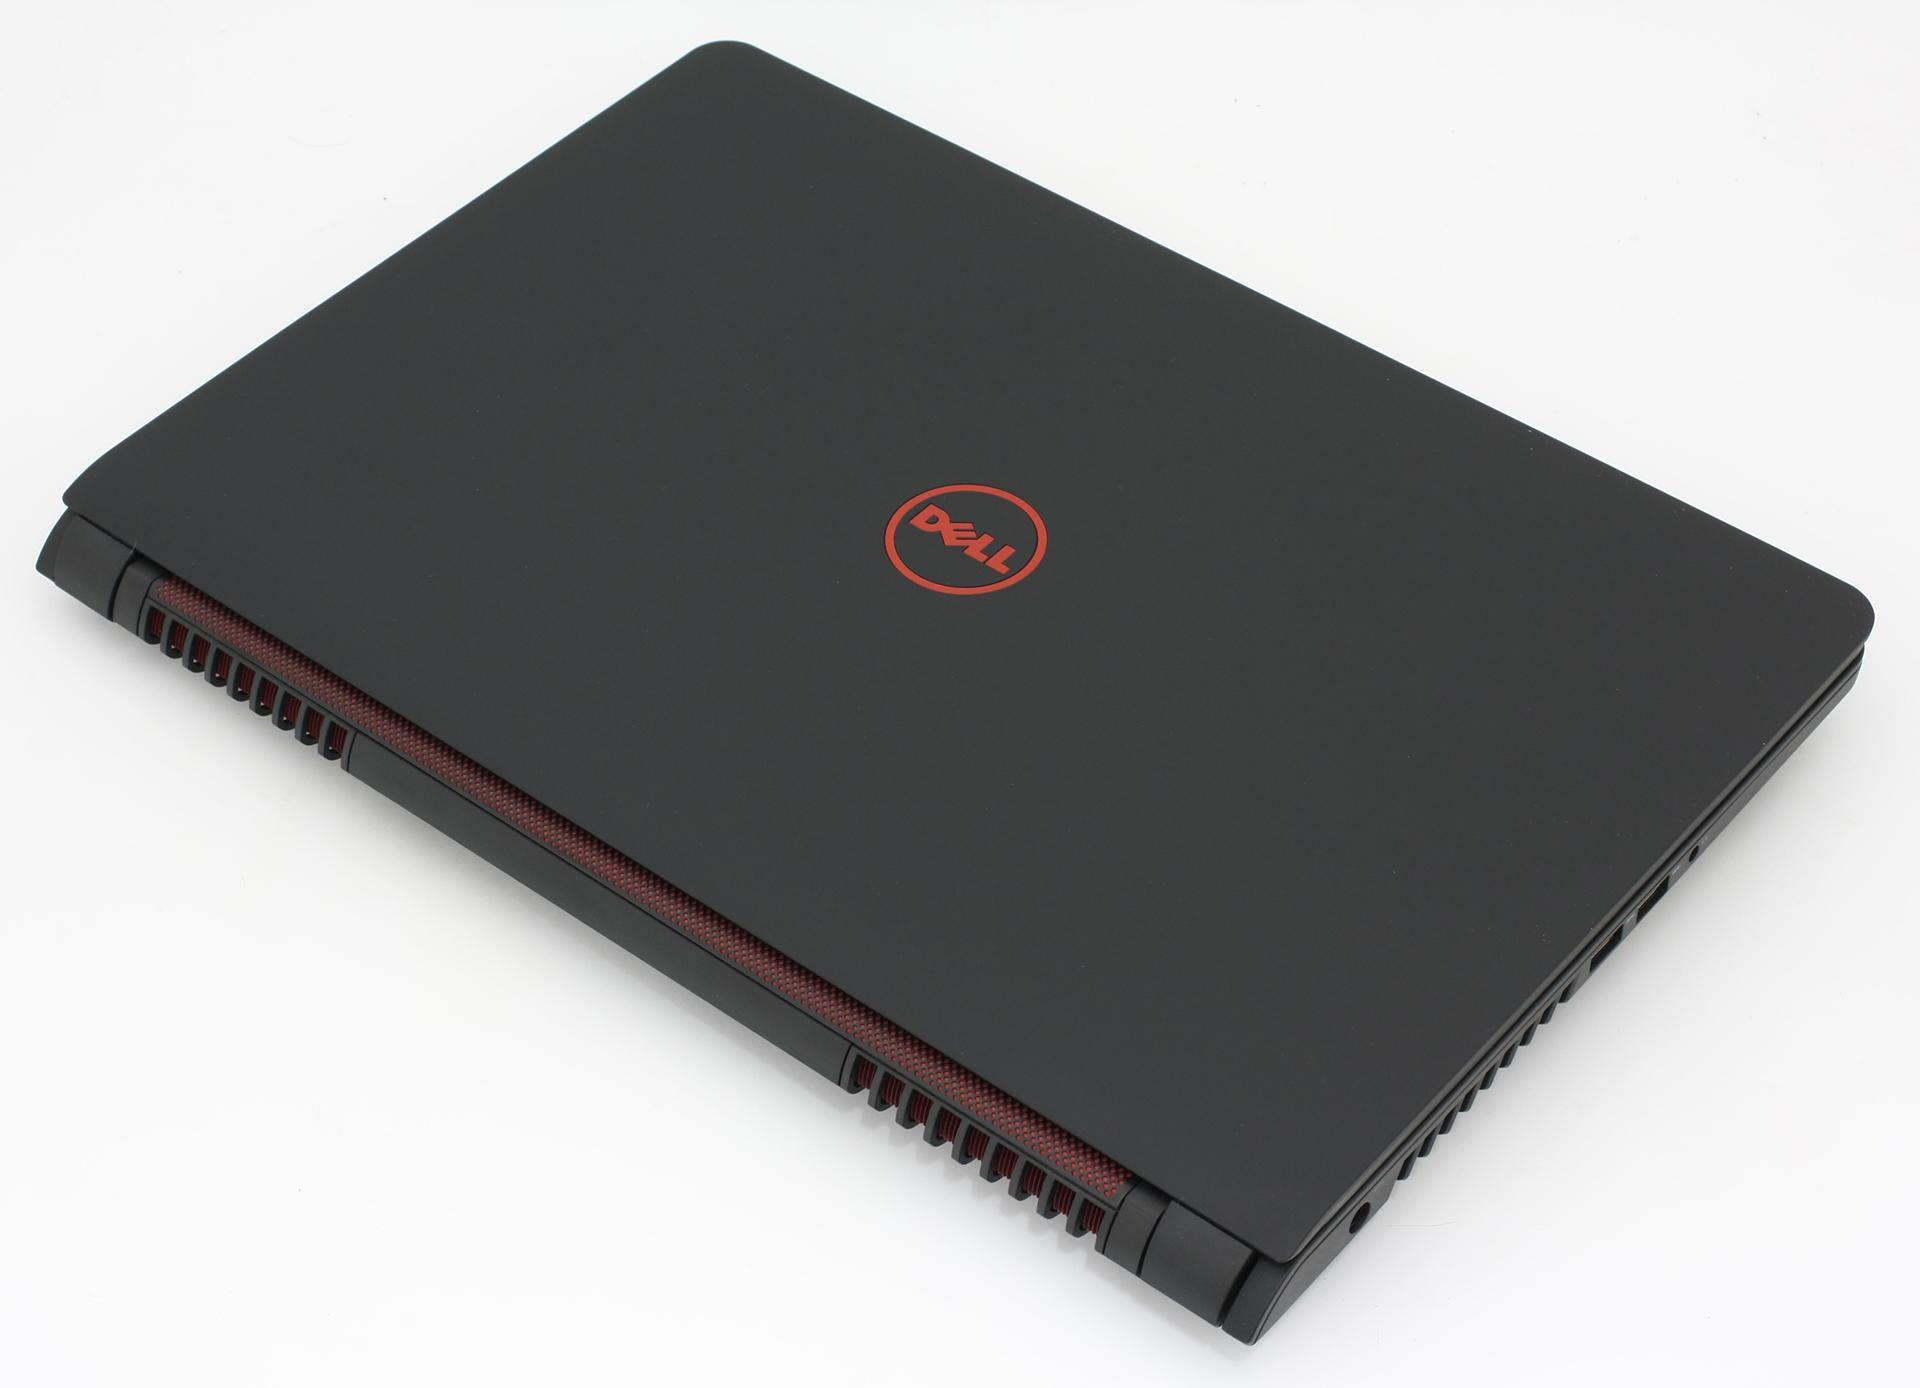 P: Dell Inspiron 15 7000 (7559)